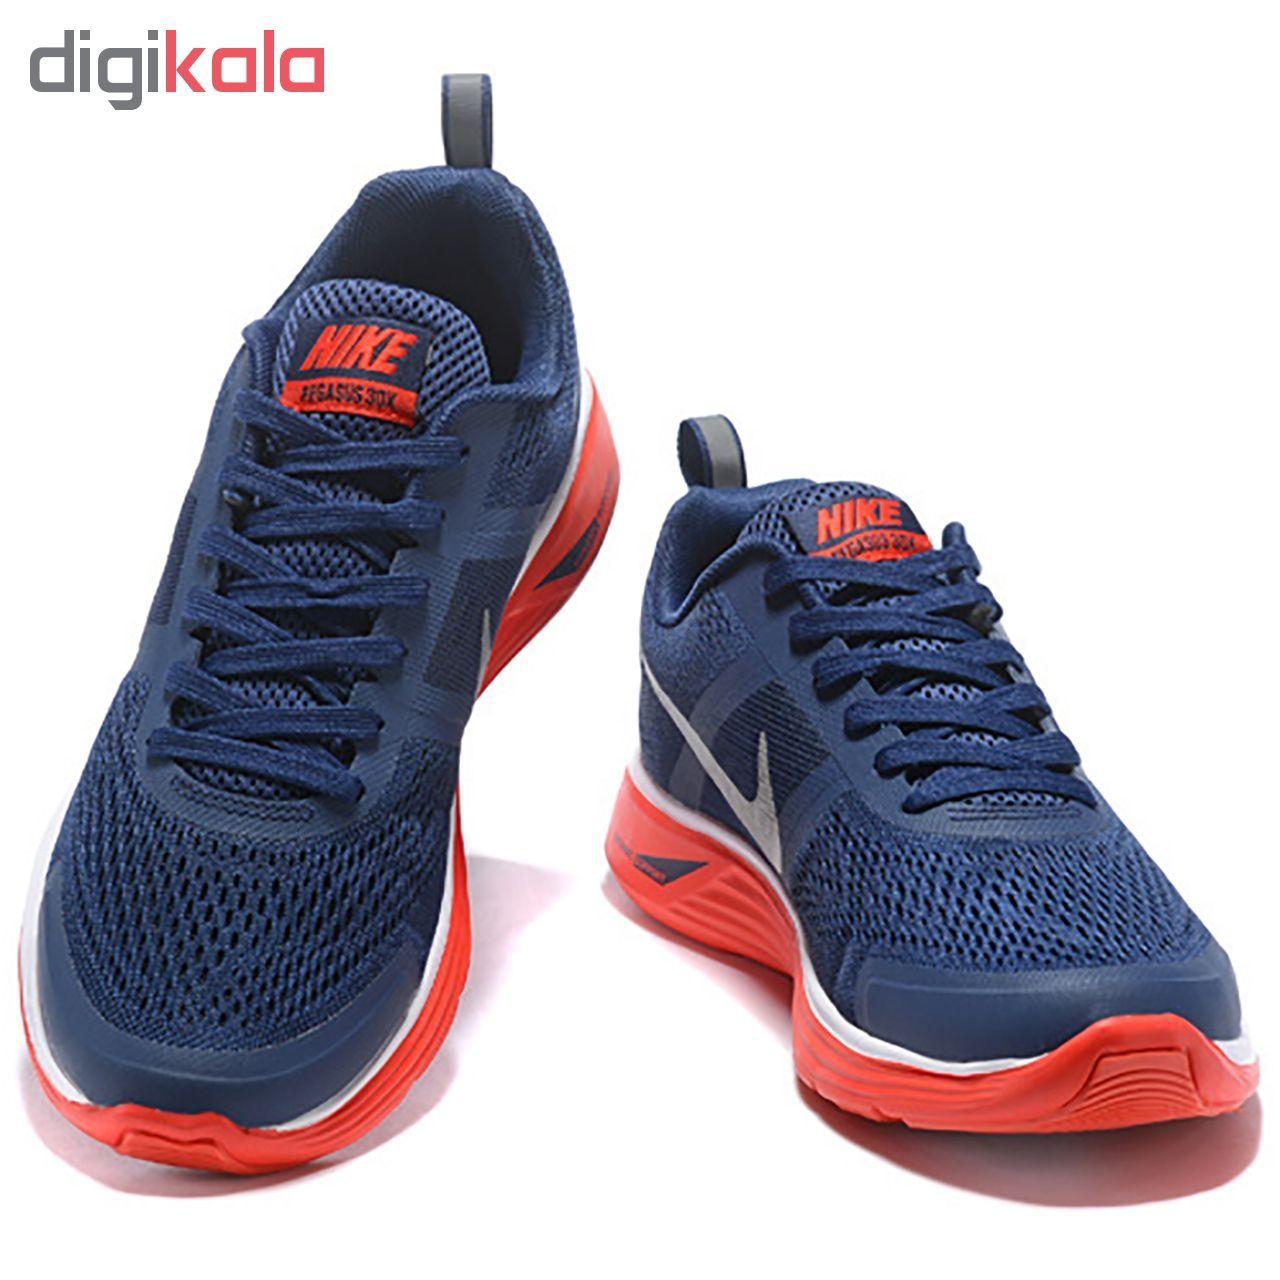 کفش مخصوص پیاده روی مردانه نایکی مدل Air Pegasus 30X Navy 803268-004  main 1 3